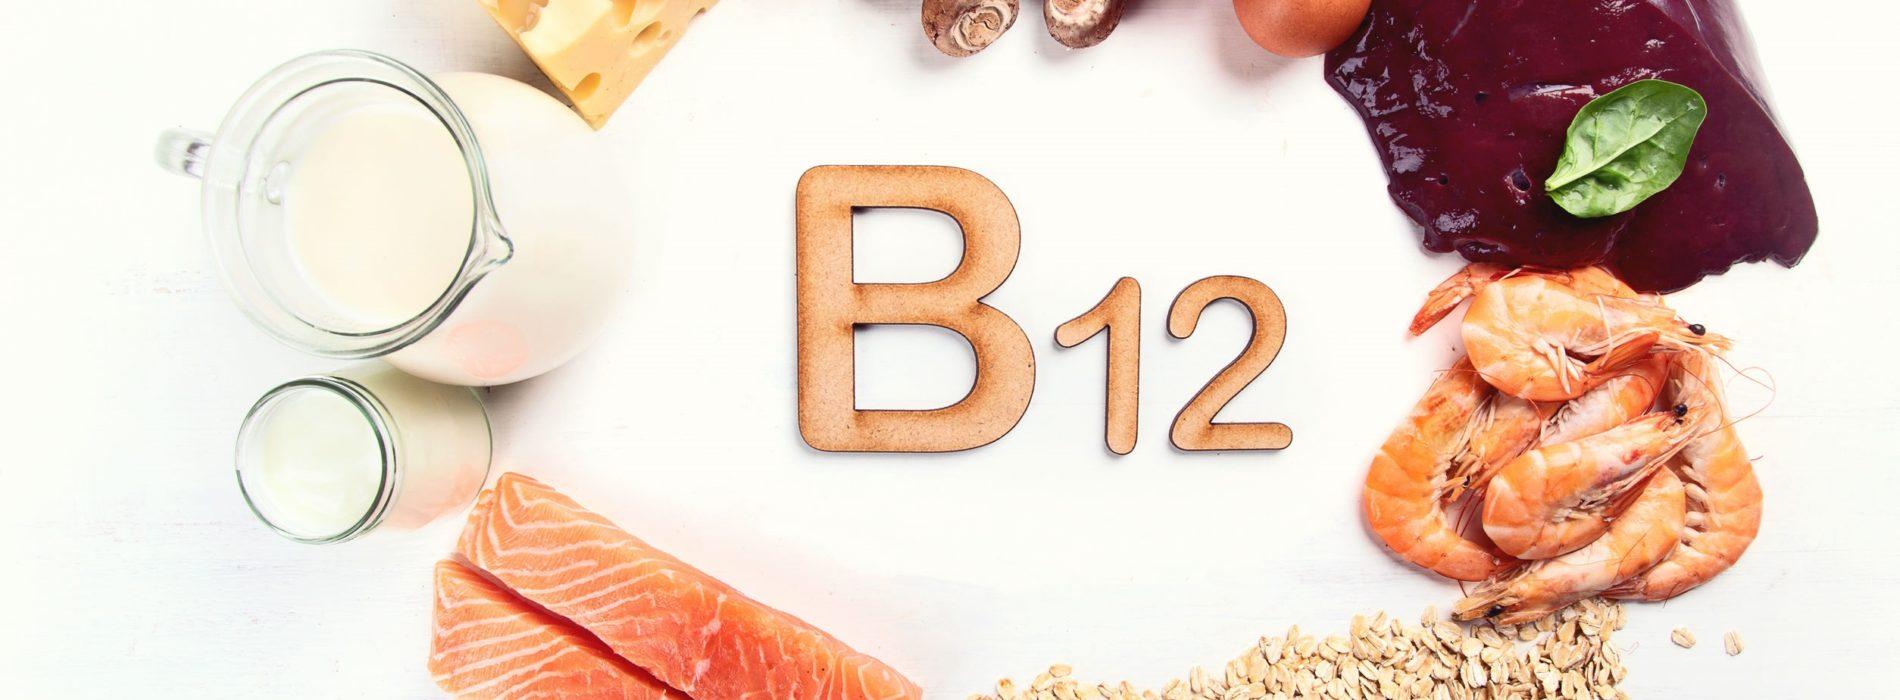 Witamina B12 – Źródło, występowanie i właściwości